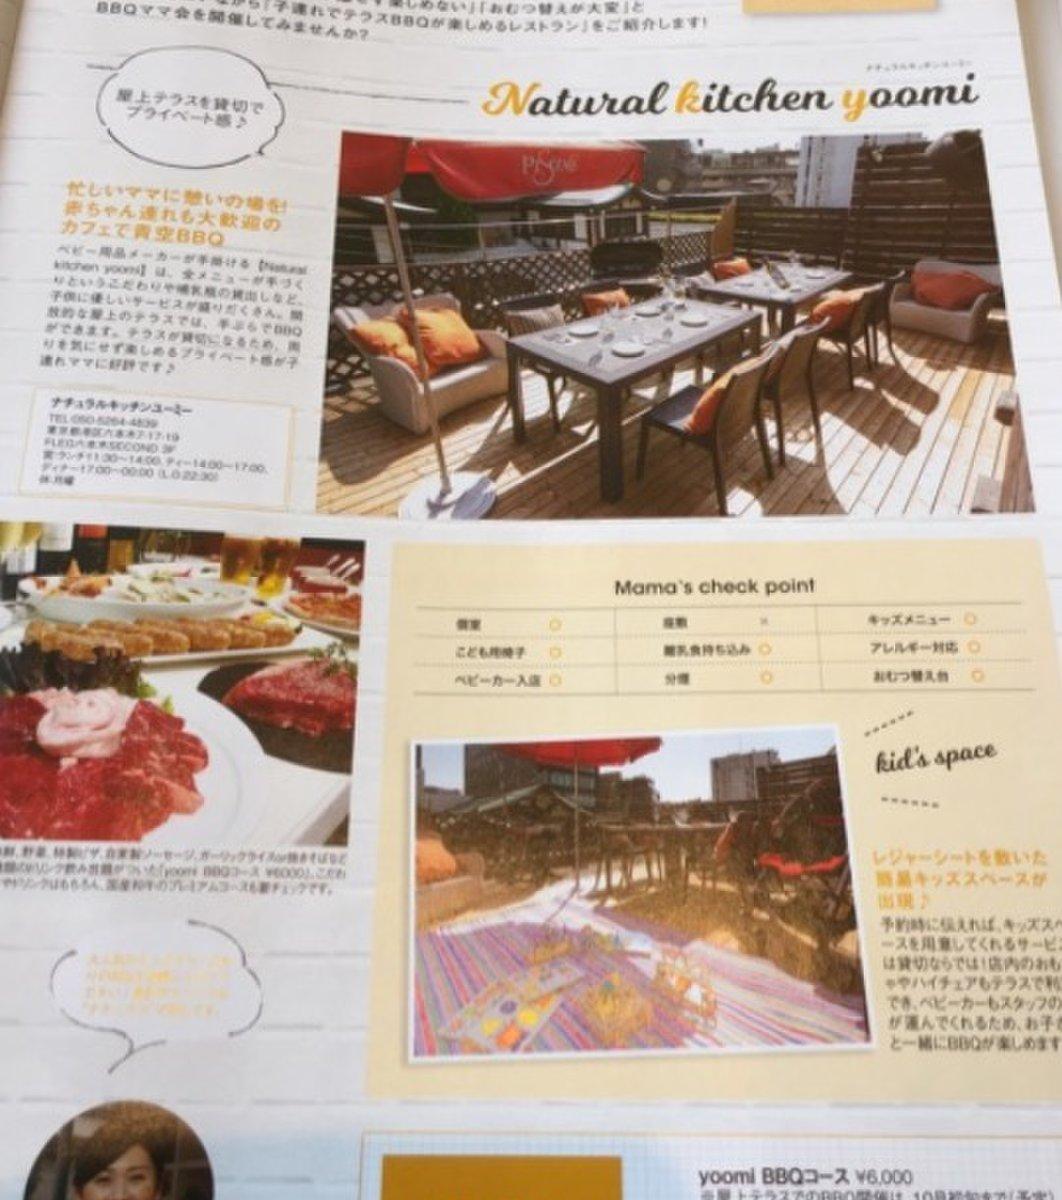 natural kitchen yoomi (ナチュラルキッチン ユーミー)